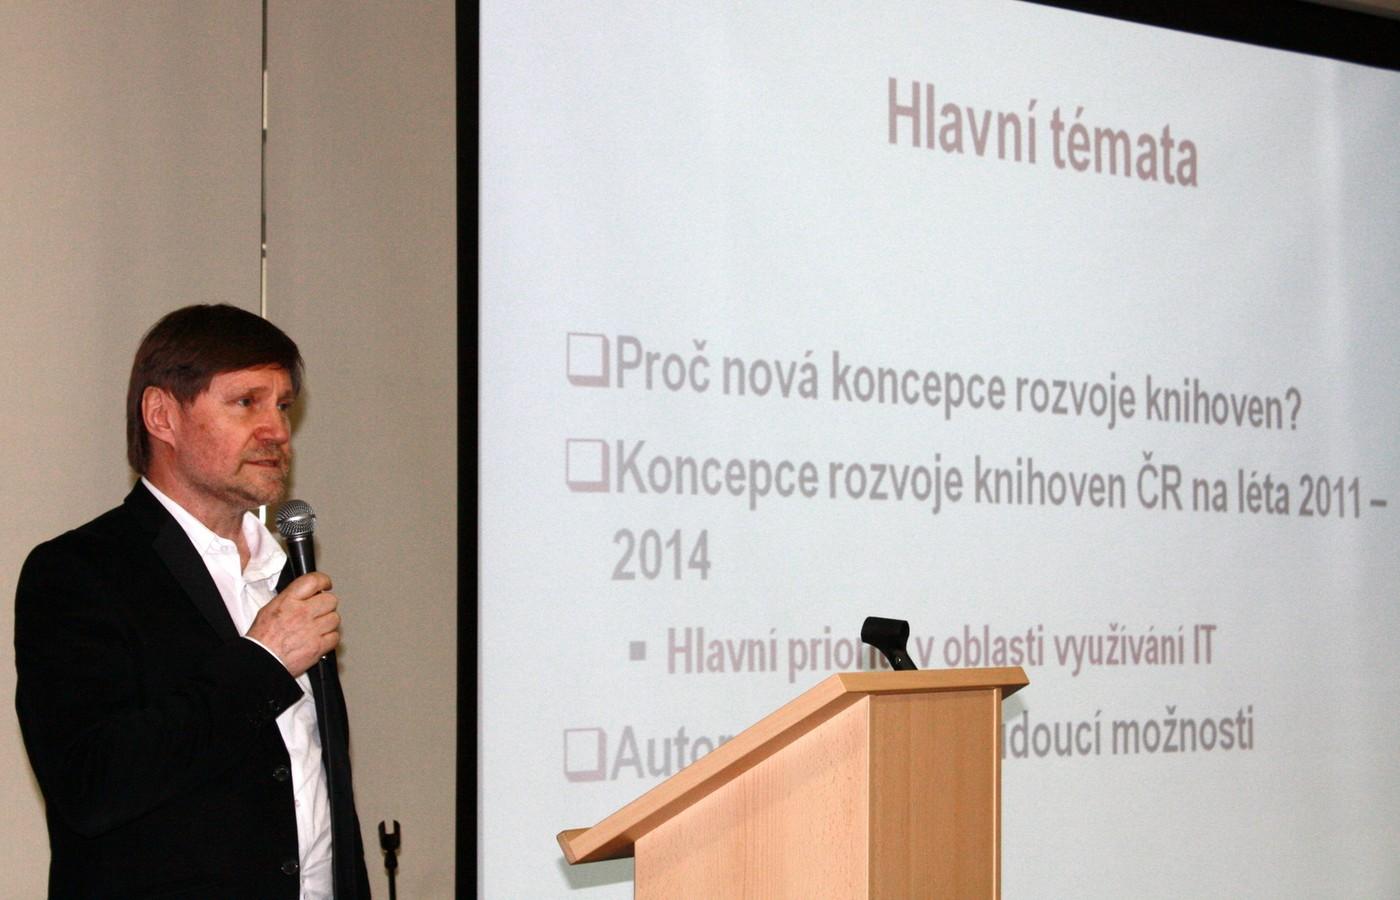 PhDr. Vít Richter (NK ČR Praha) přednesl zásadní prezentaci o koncepci rozvoje českých knihoven na léta 2011 až 2015